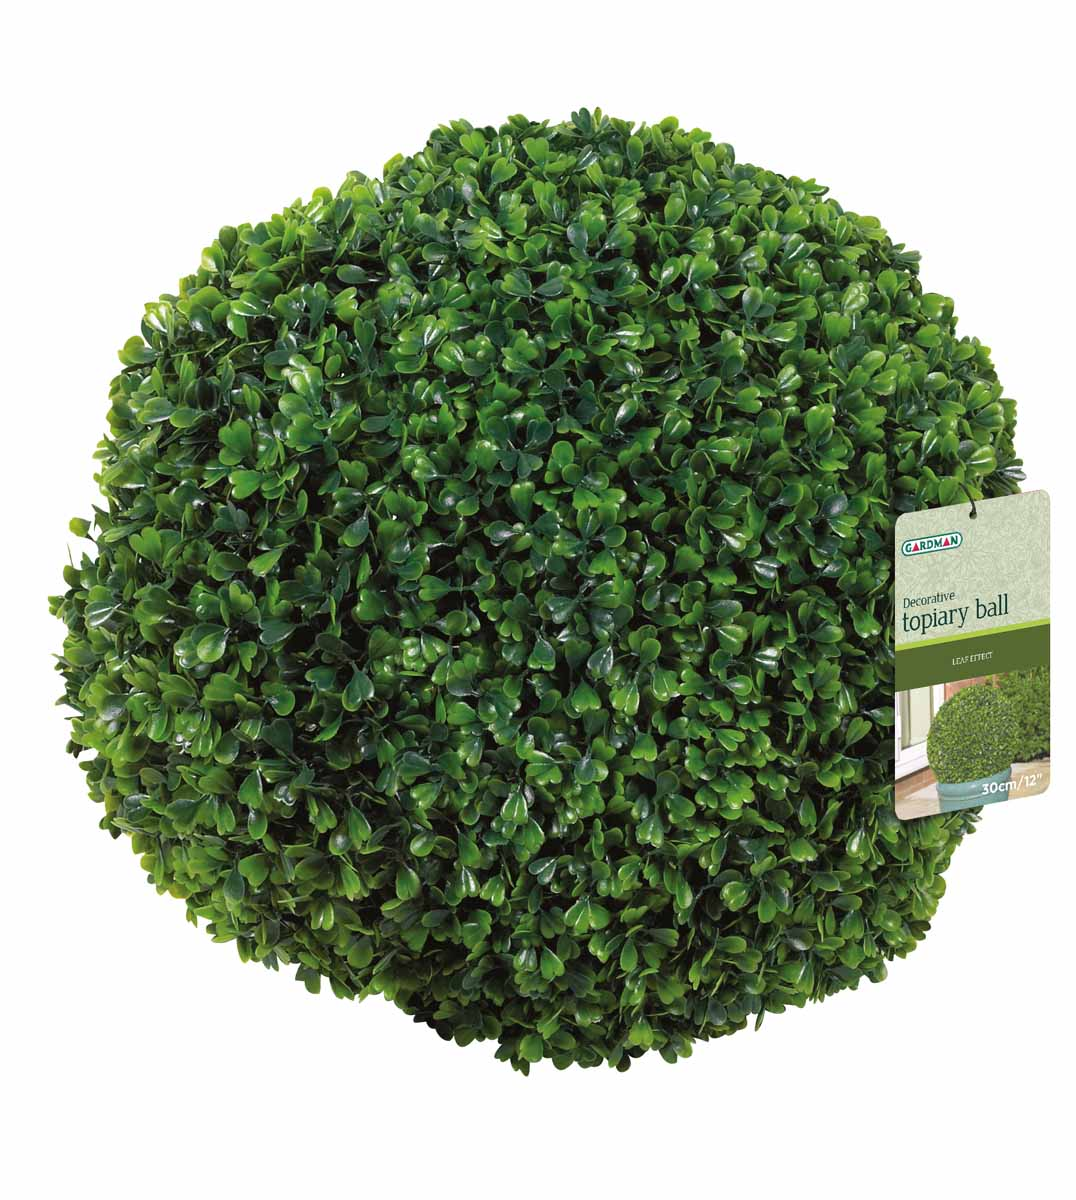 Искусственное растение Gardman Topiary Ball. Самшит, цвет: зеленый, диаметр 30 смZ-0307Искусственное растение Gardman Topiary Ball выполнено из пластика в виде шара. Листья растения зеленого цвета имитируют самшит. К растению прикреплены три цепочки с крючком, за который его можно повесить в любое место. Также растение можно поместить в горшок. Растение устойчиво к воздействиям внешней среды, таким как влажность, солнце, перепады температуры, не выцветает со временем. Искусственное растение Gardman Topiary Ball великолепно украсит интерьер офиса, дома или сада.Характеристики:Материал: пластик, металл. Цвет: зеленый. Диаметр шара: 30 см. Длина цепочек с крючком: 25 см.